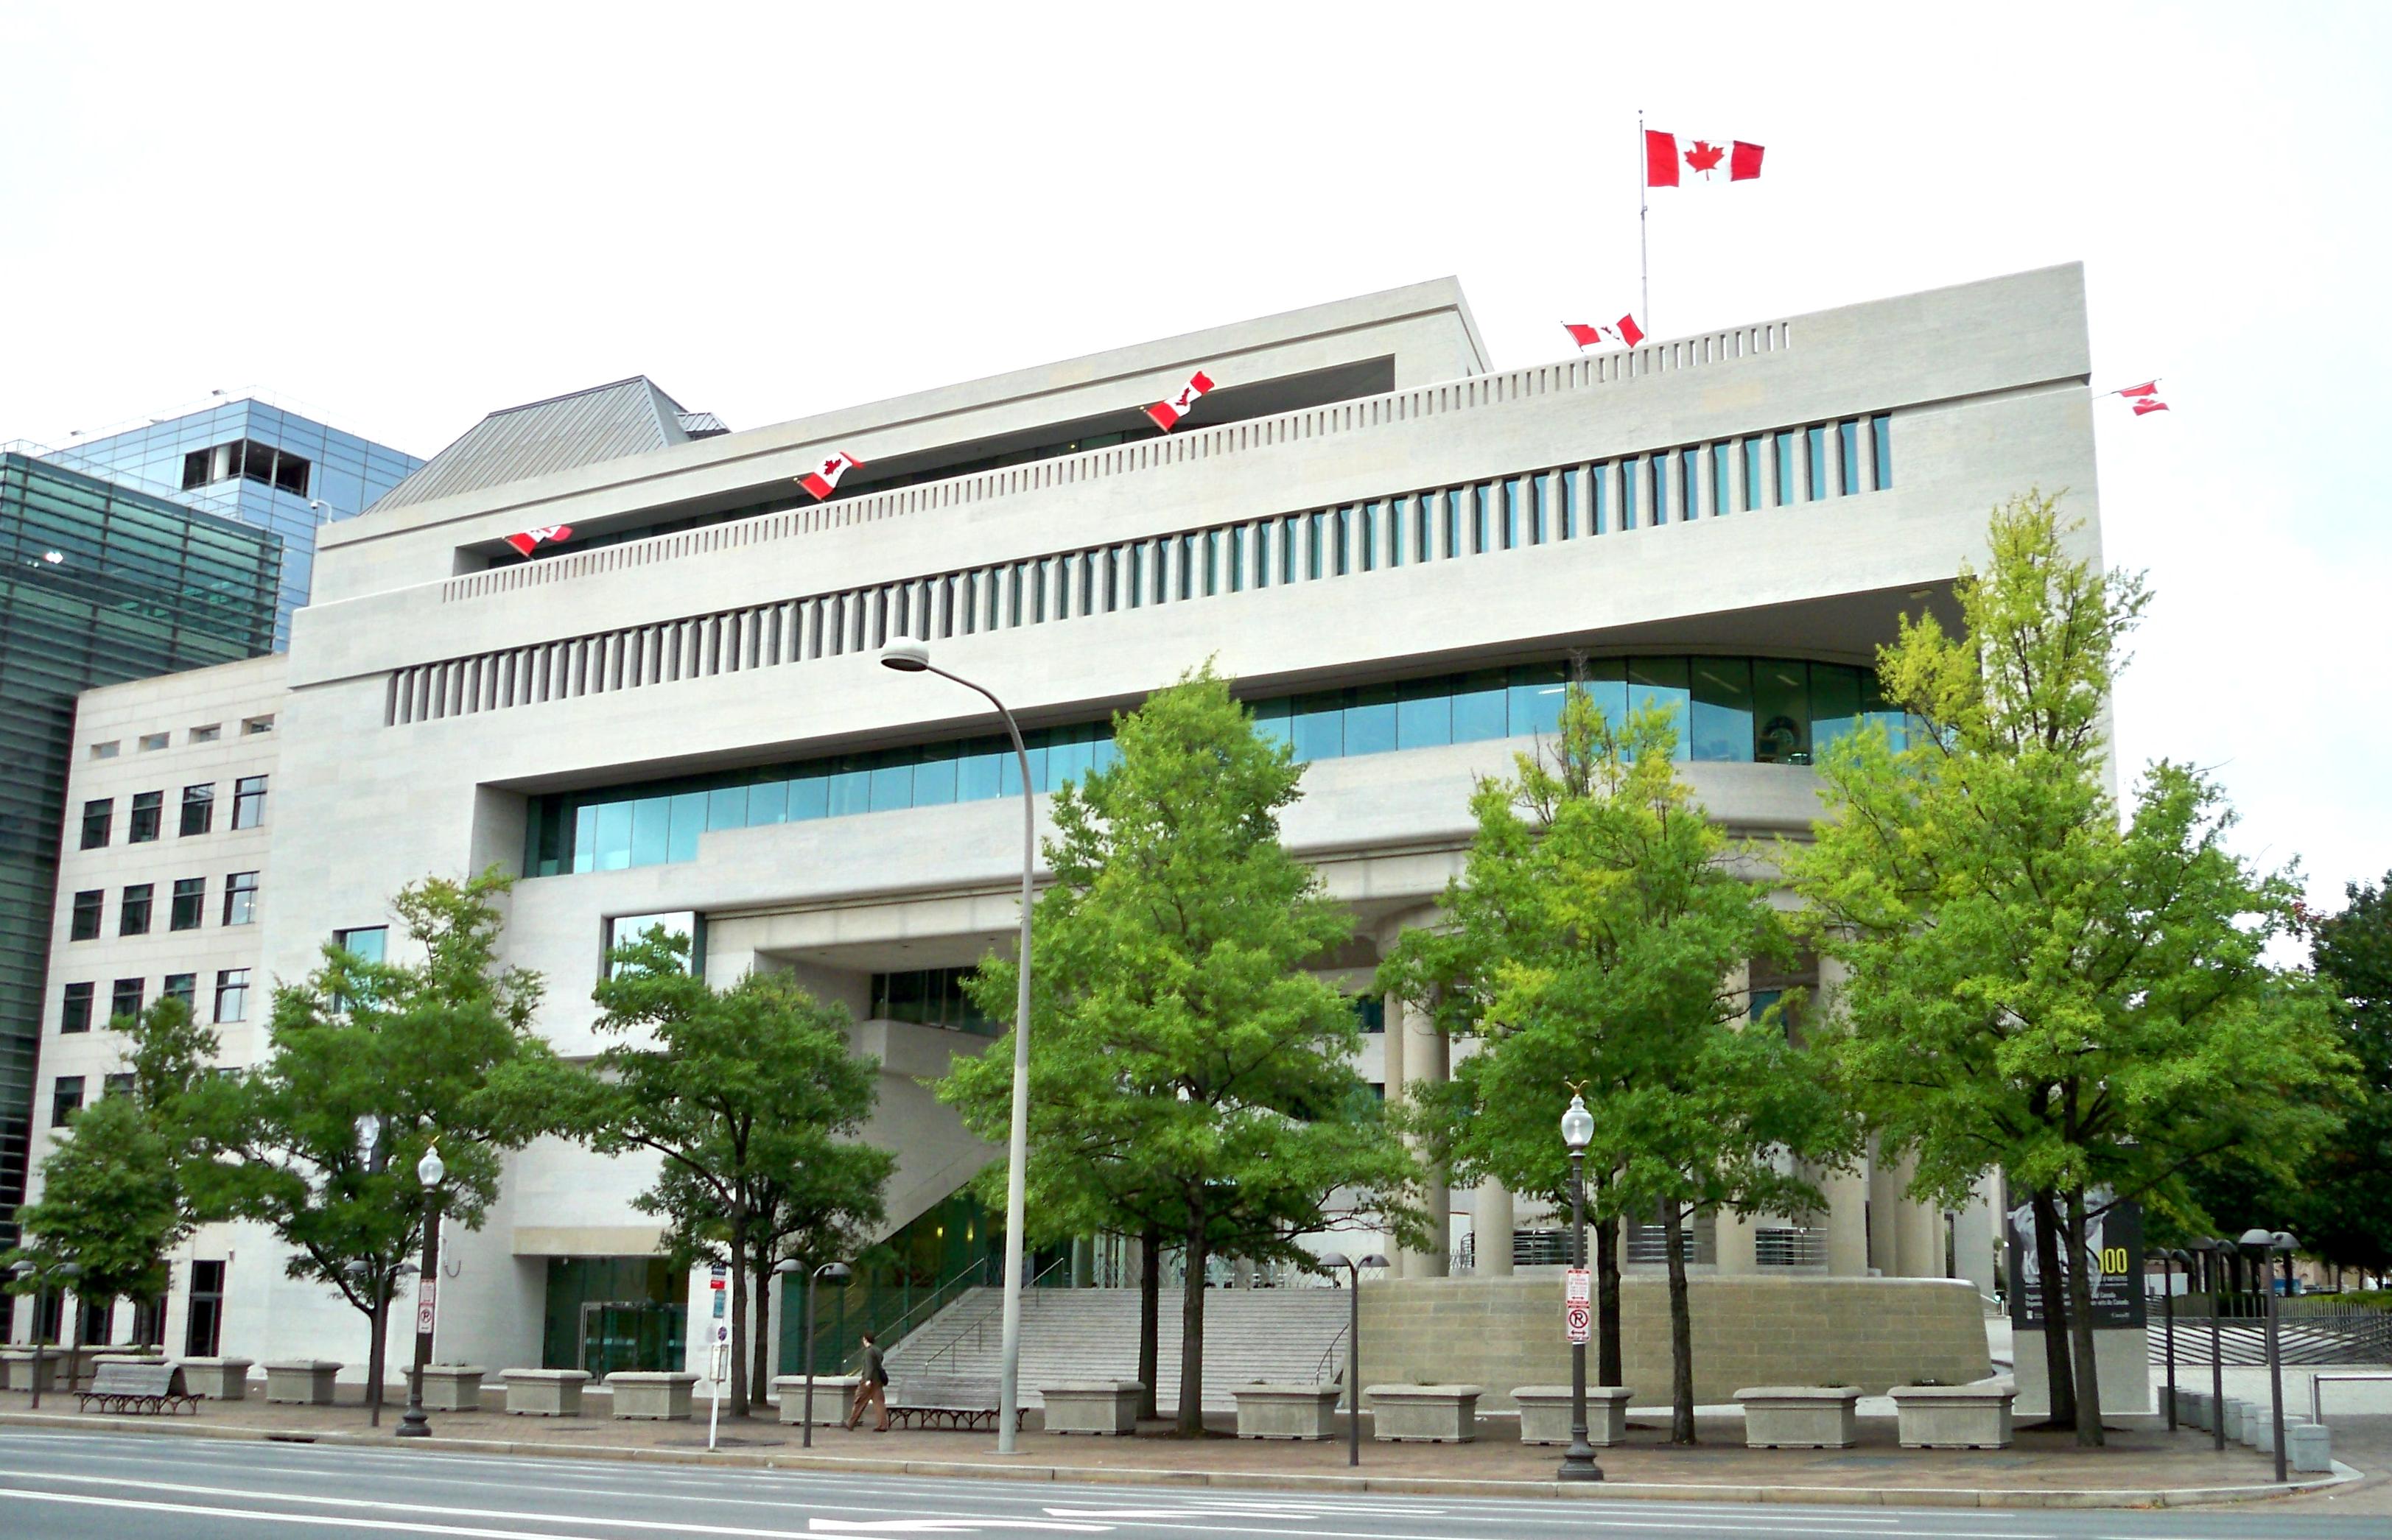 Kanadiske ambassaden, Sør-Afrika